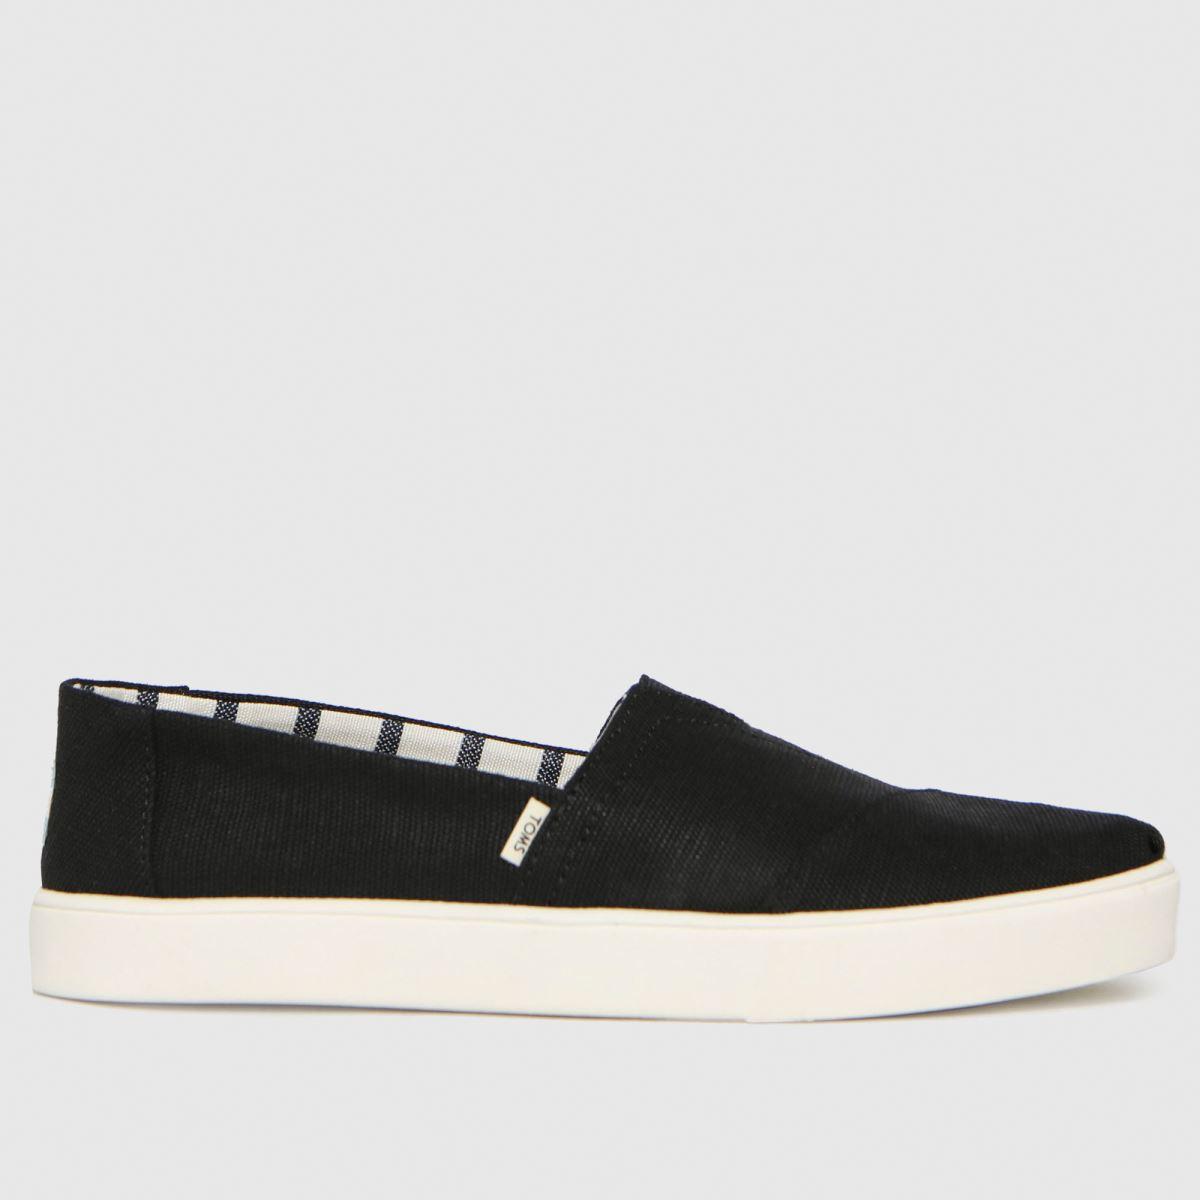 TOMS Black Alpargata Cupsole Vegan Shoes